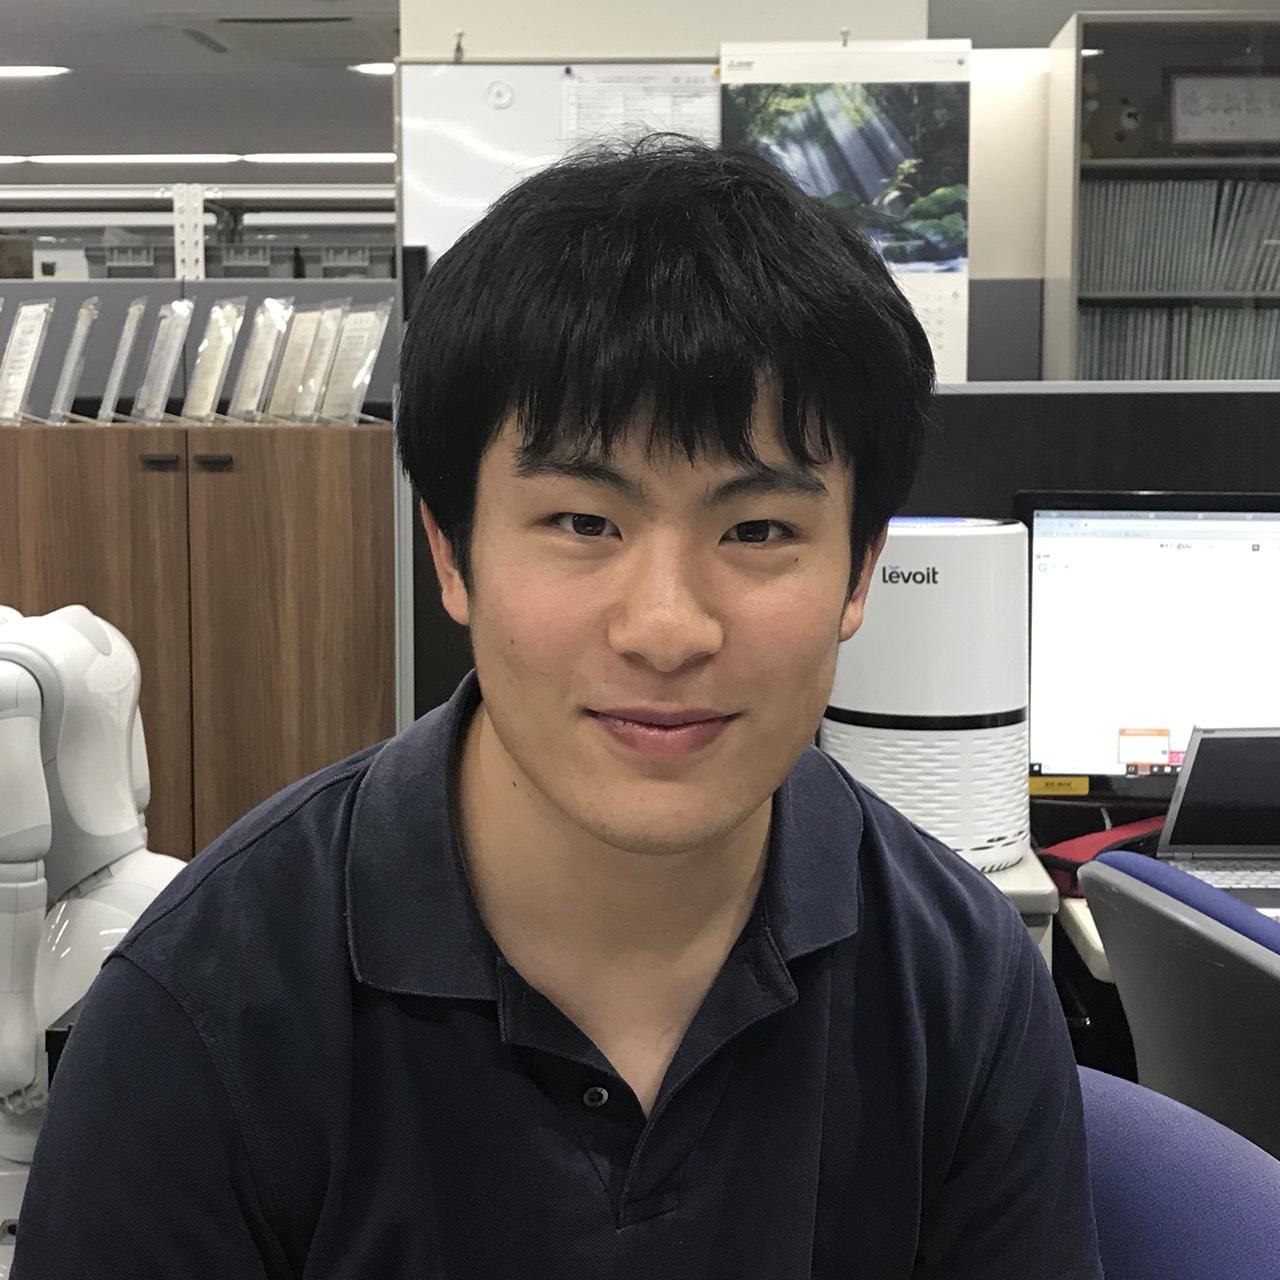 鈴木貴大朝日大学